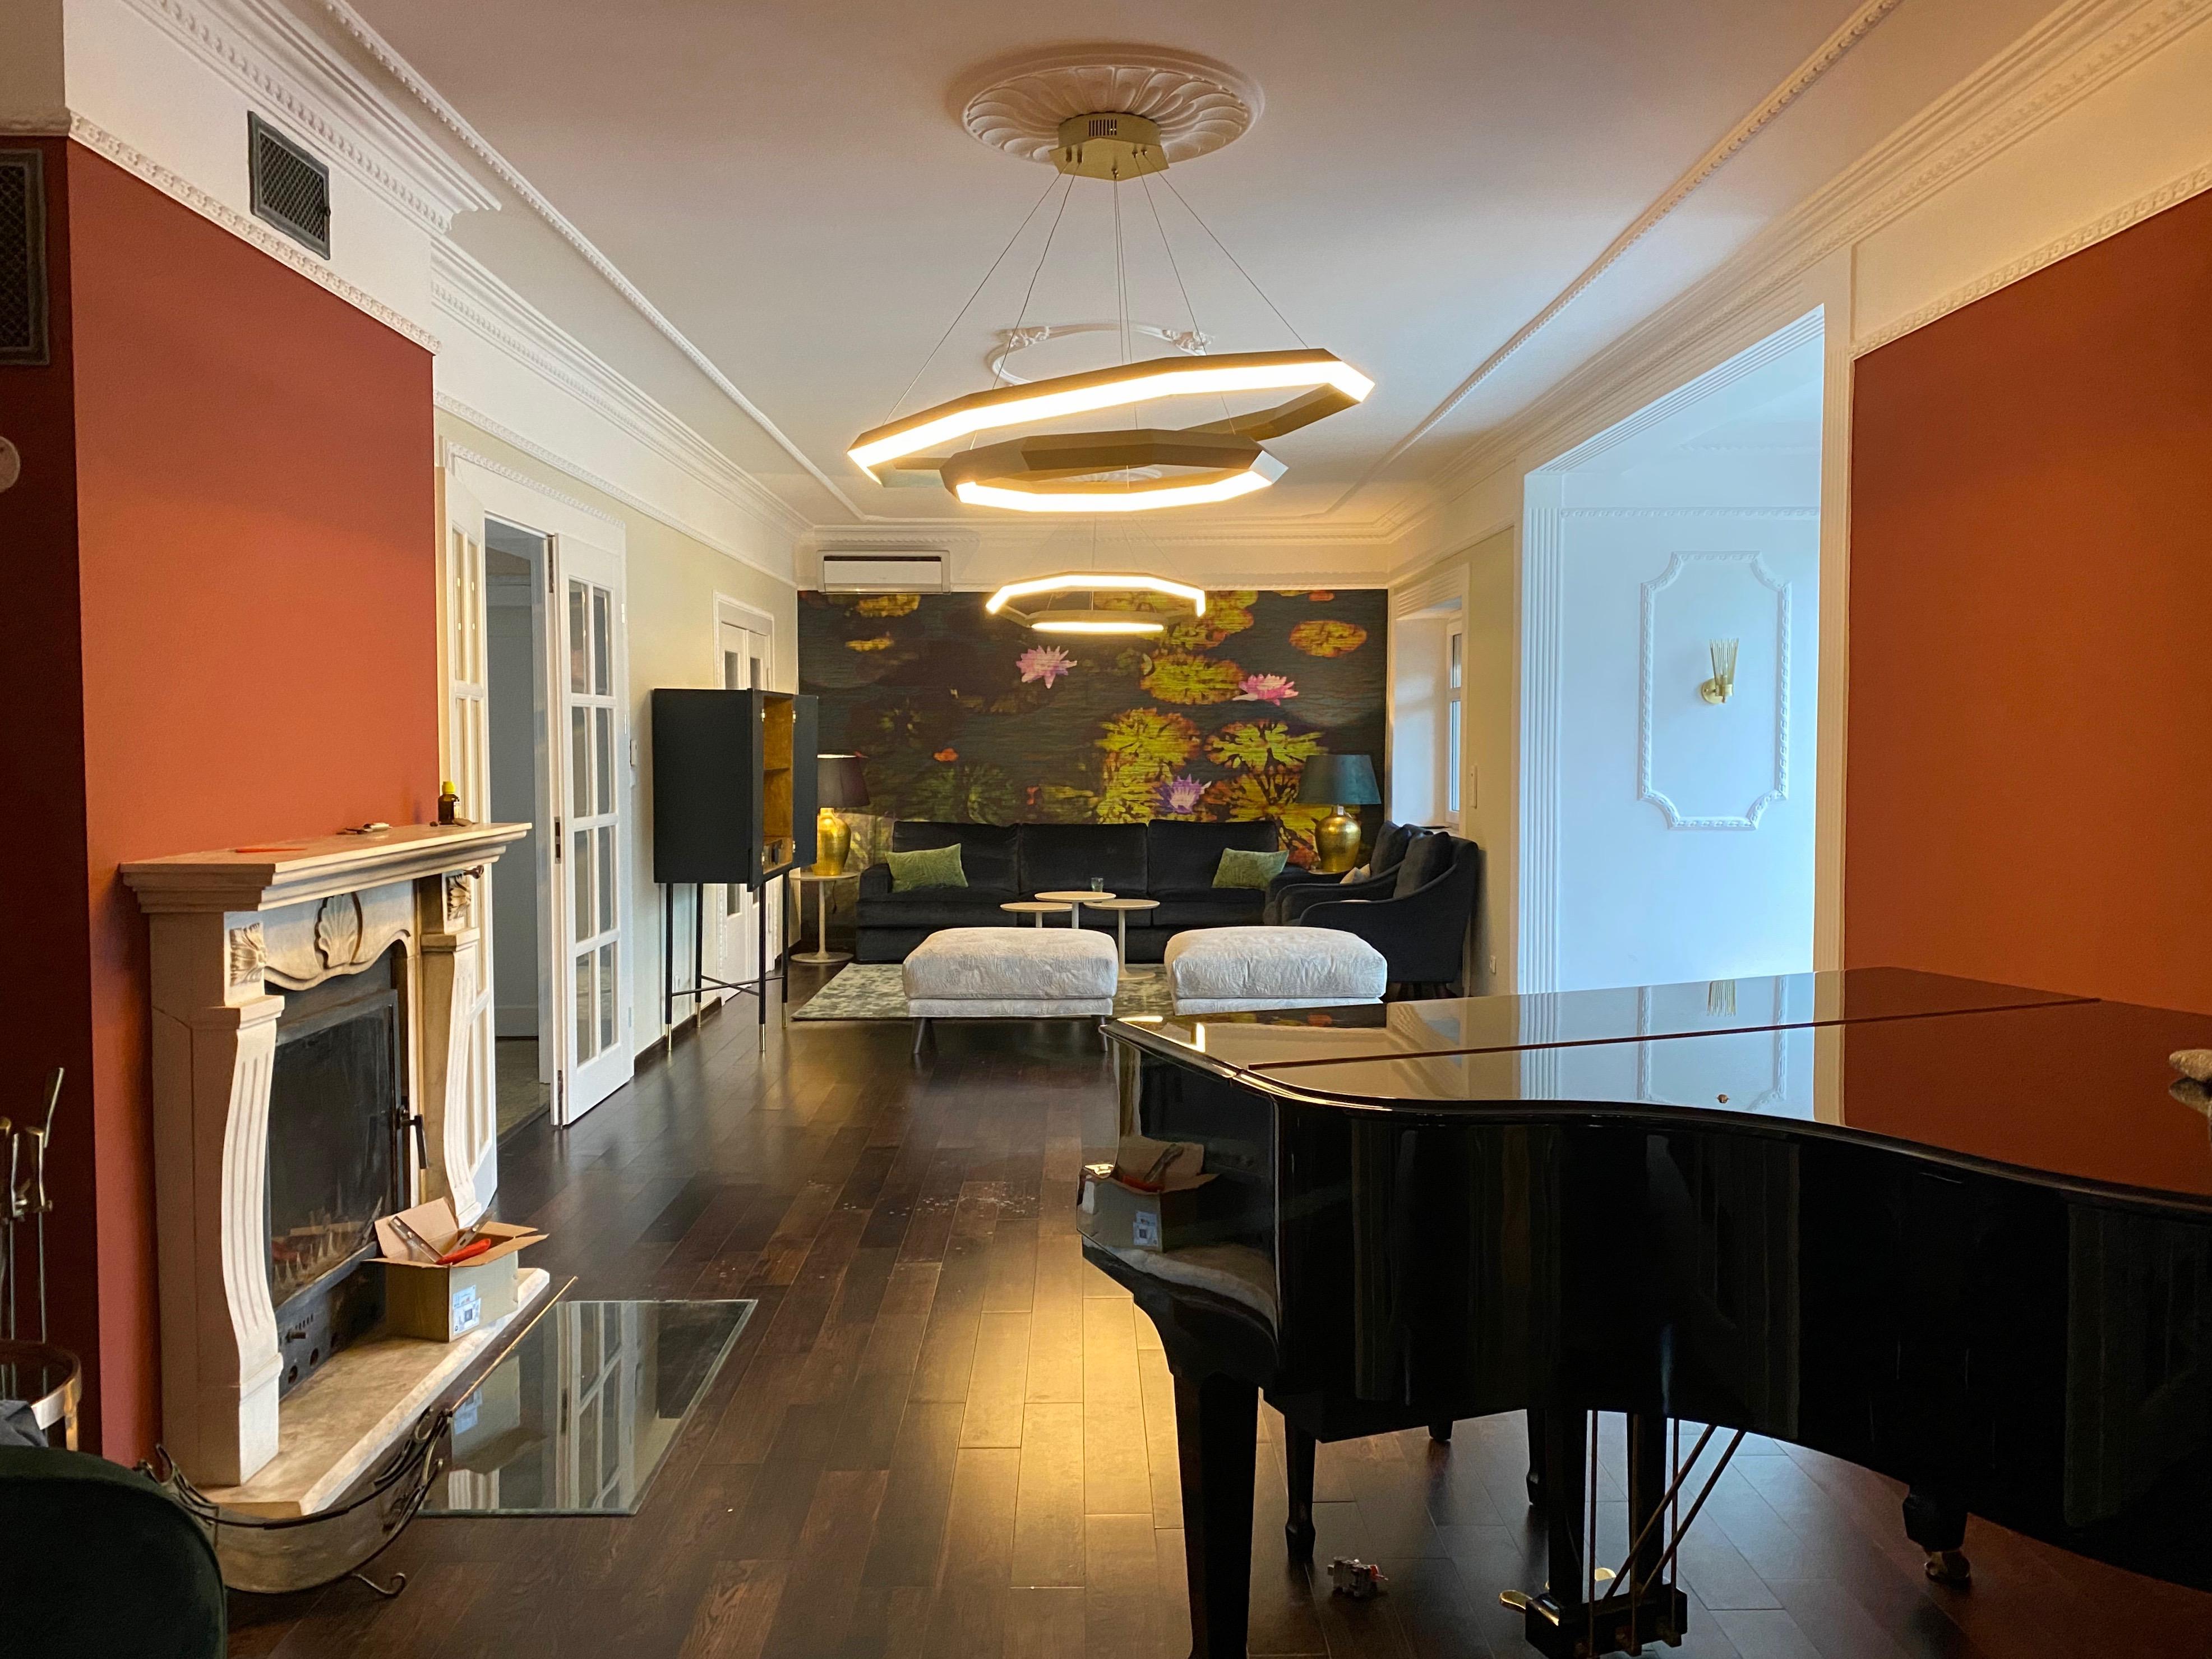 Wohnzimmer Villa Kladow | by andy INTERIORDESIGN